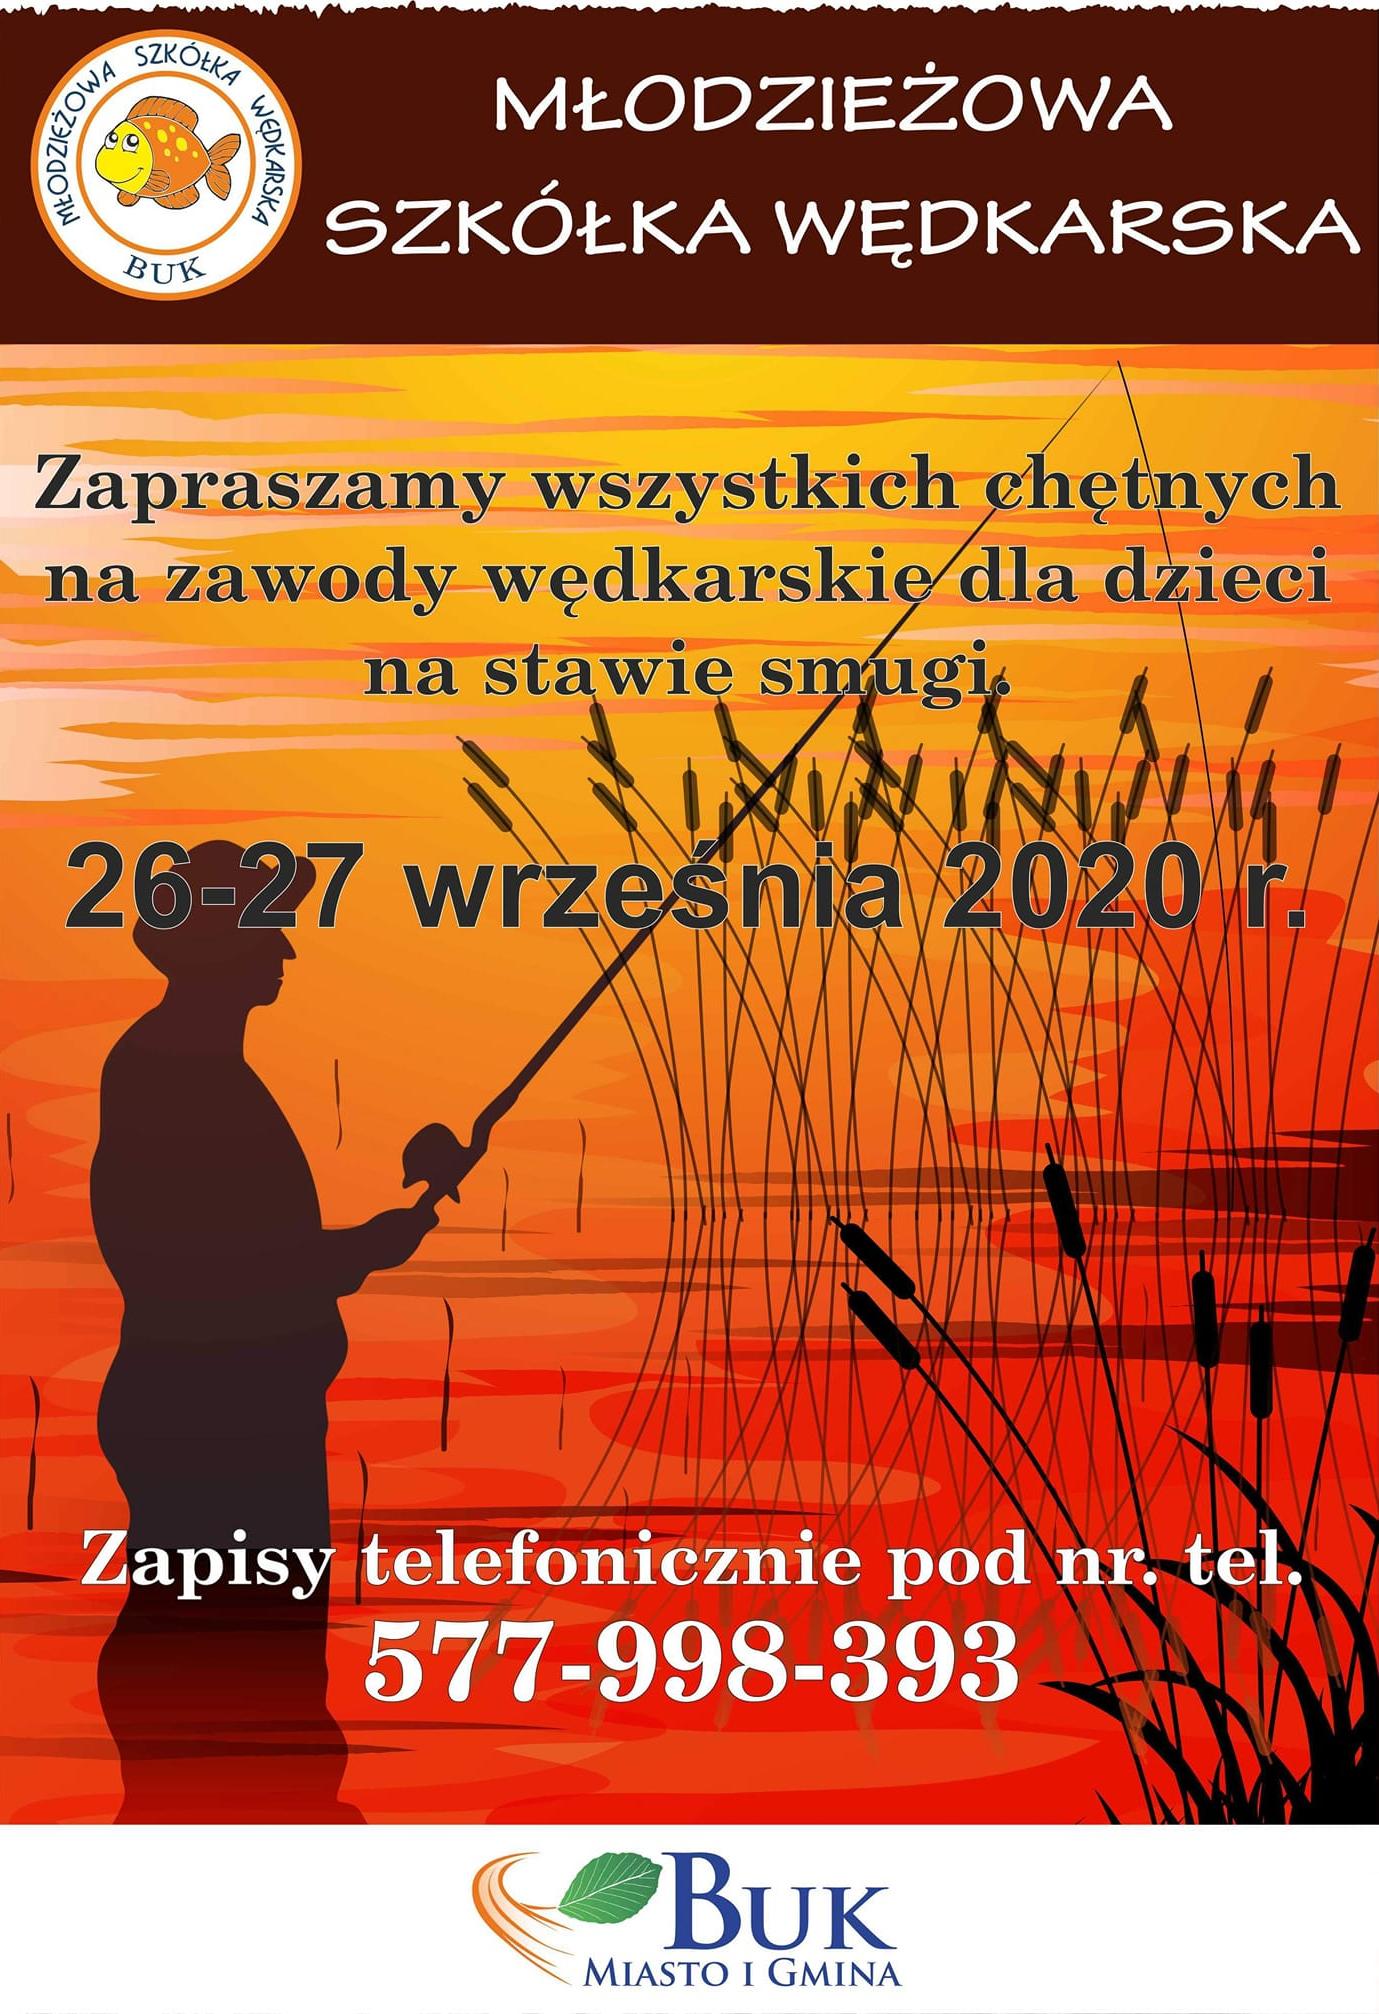 Zawody wędkarskie - Młodzieżowa Szkółka Wędkarska Buk